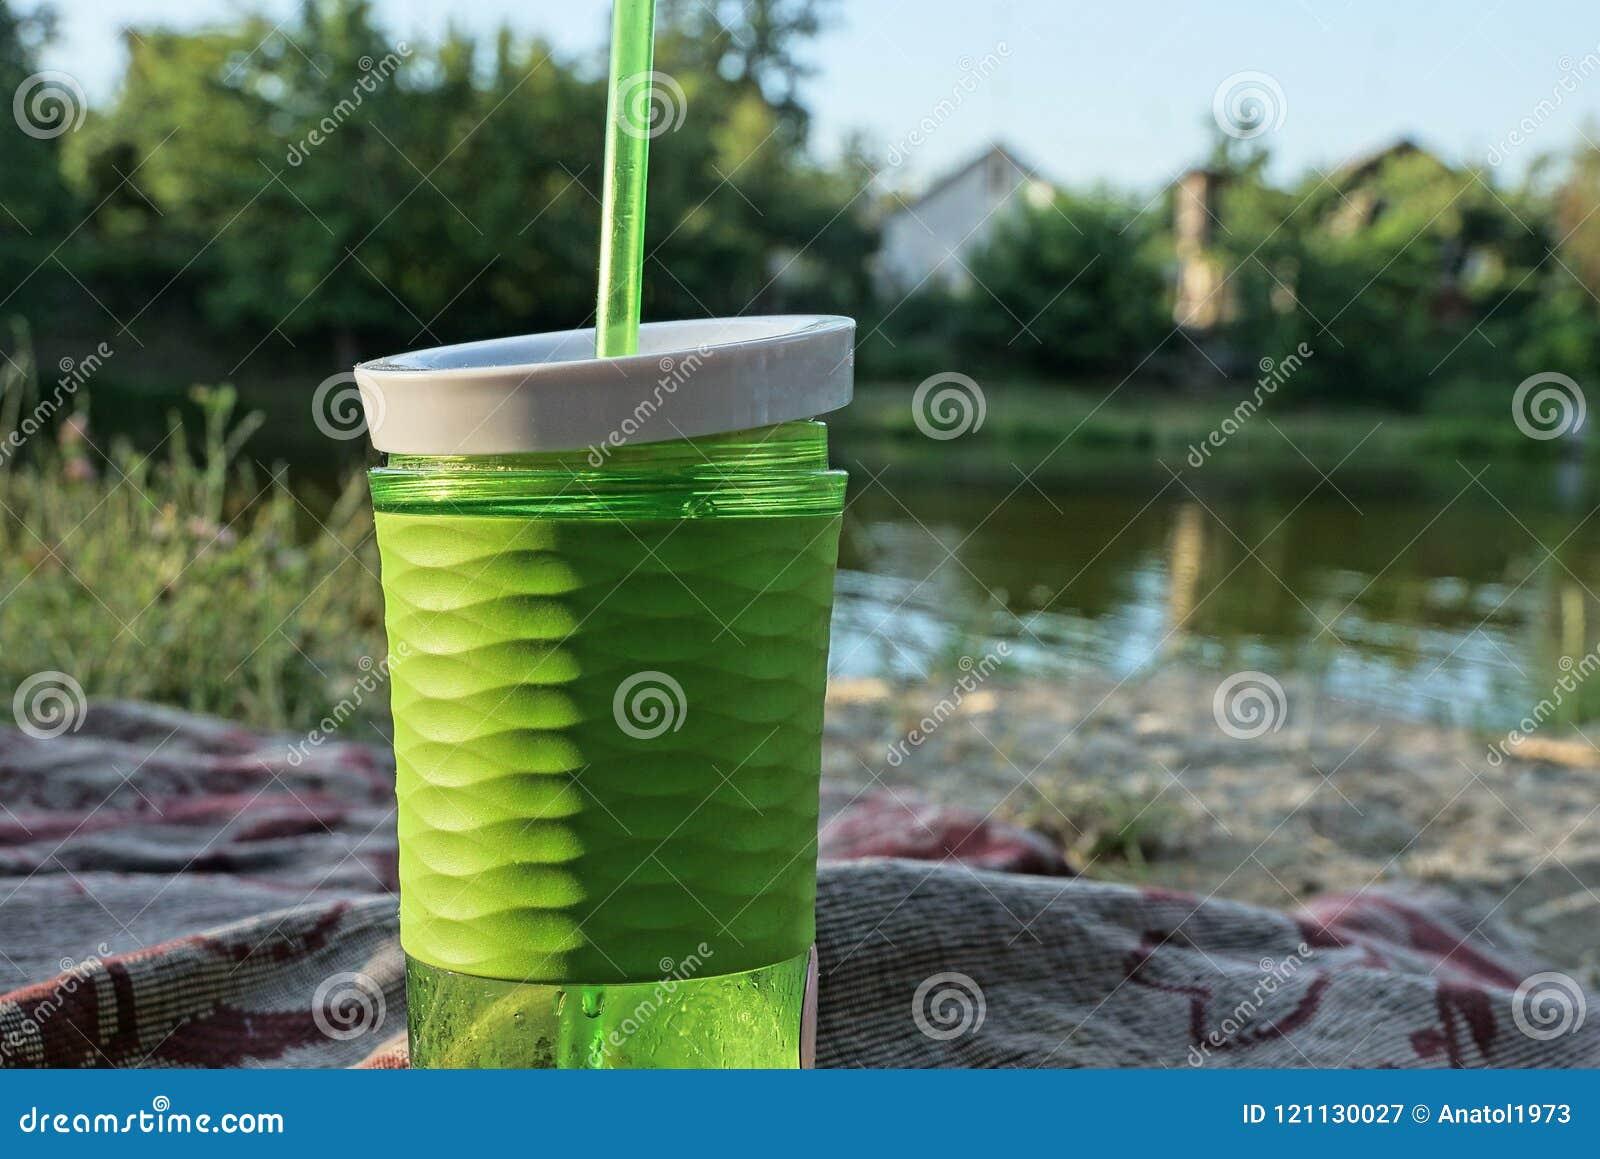 Verre vert en plastique avec une boisson et un tube sur la plage près de l eau